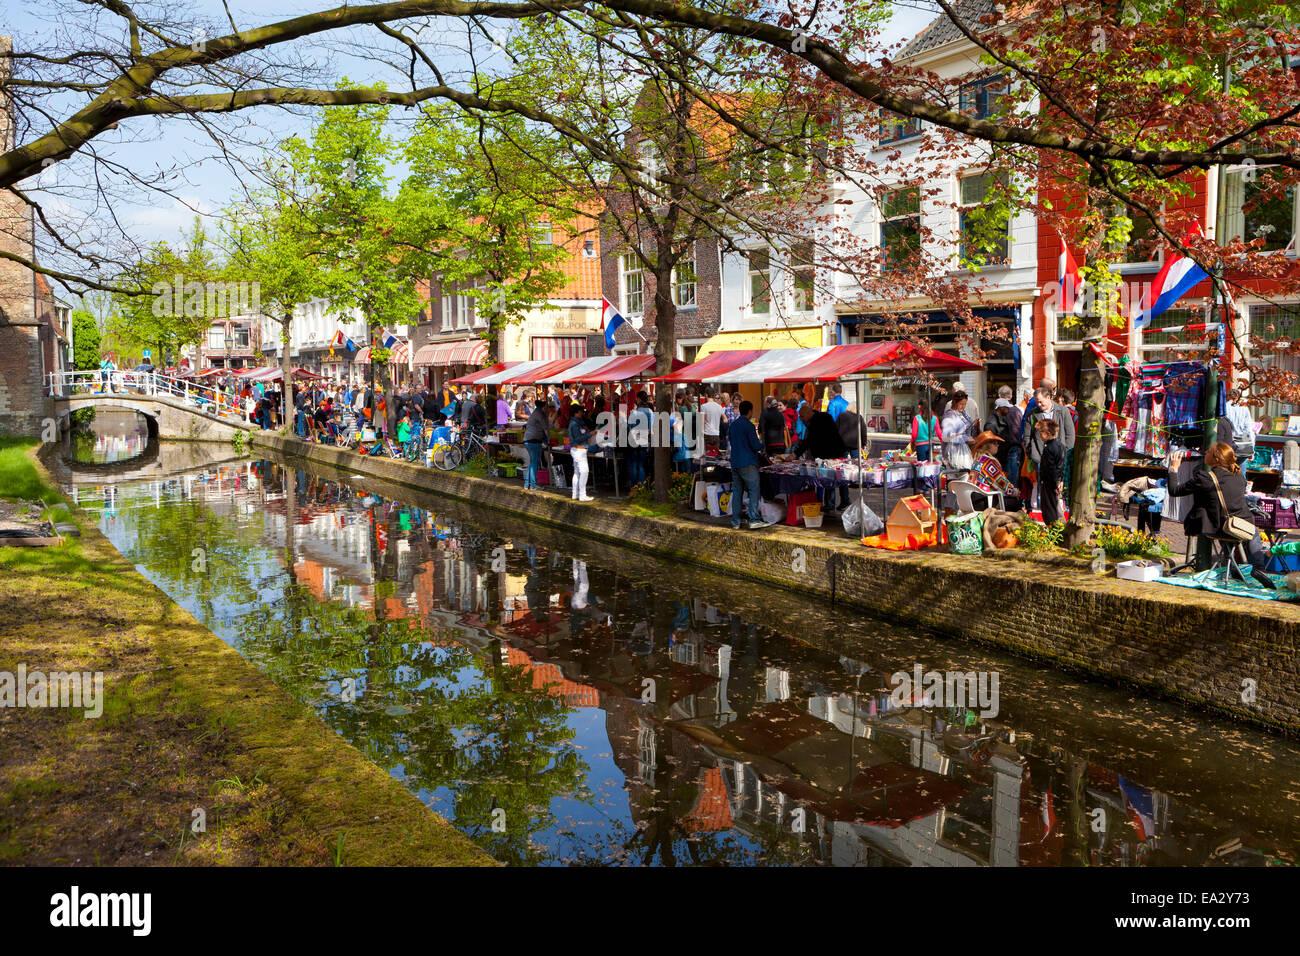 Día del rey en el Mercadillo a lo largo de un canal, Delft, Holanda Meridional, Países Bajos, Europa Imagen De Stock